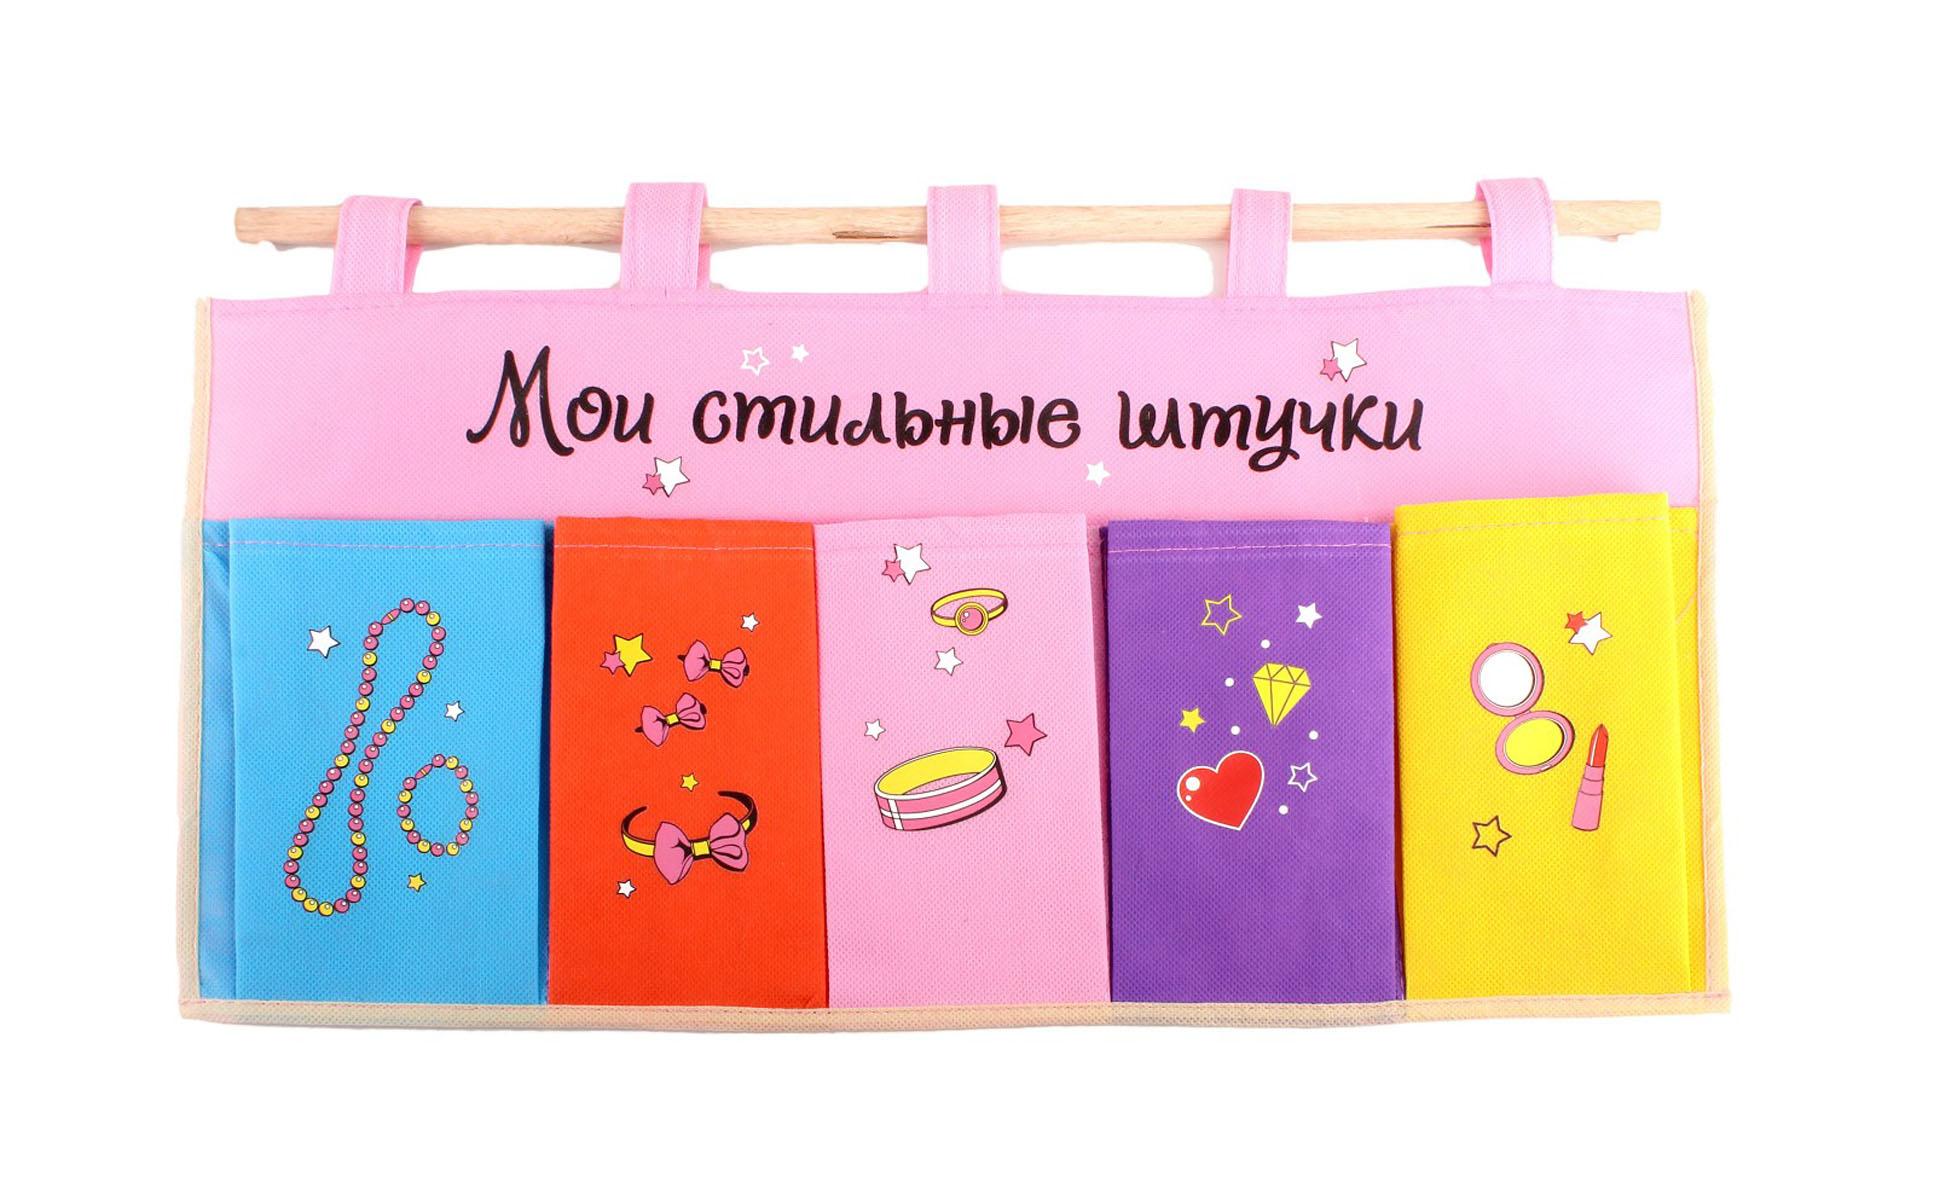 Кармашки на стену Sima-land Мои стильные штучки, цвет: розовый, синий, красный, 5 шт670605Кармашки на стену Sima-land «Мои стильные штучки», изготовленные из текстиля, предназначены для хранения необходимых вещей, множества мелочей в гардеробной, ванной, детской комнатах. Изделие представляет собой текстильное полотно с пятью пришитыми кармашками. Благодаря деревянной планке и шнурку, кармашки можно подвесить на стену или дверь в необходимом для вас месте. Кармашки декорированы изображениями бус, колечек, зеркальца и надписью «Мои стильные штучки».Этот нужный предмет может стать одновременно и декоративным элементом комнаты. Яркий дизайн, как ничто иное, способен оживить интерьер вашего дома.